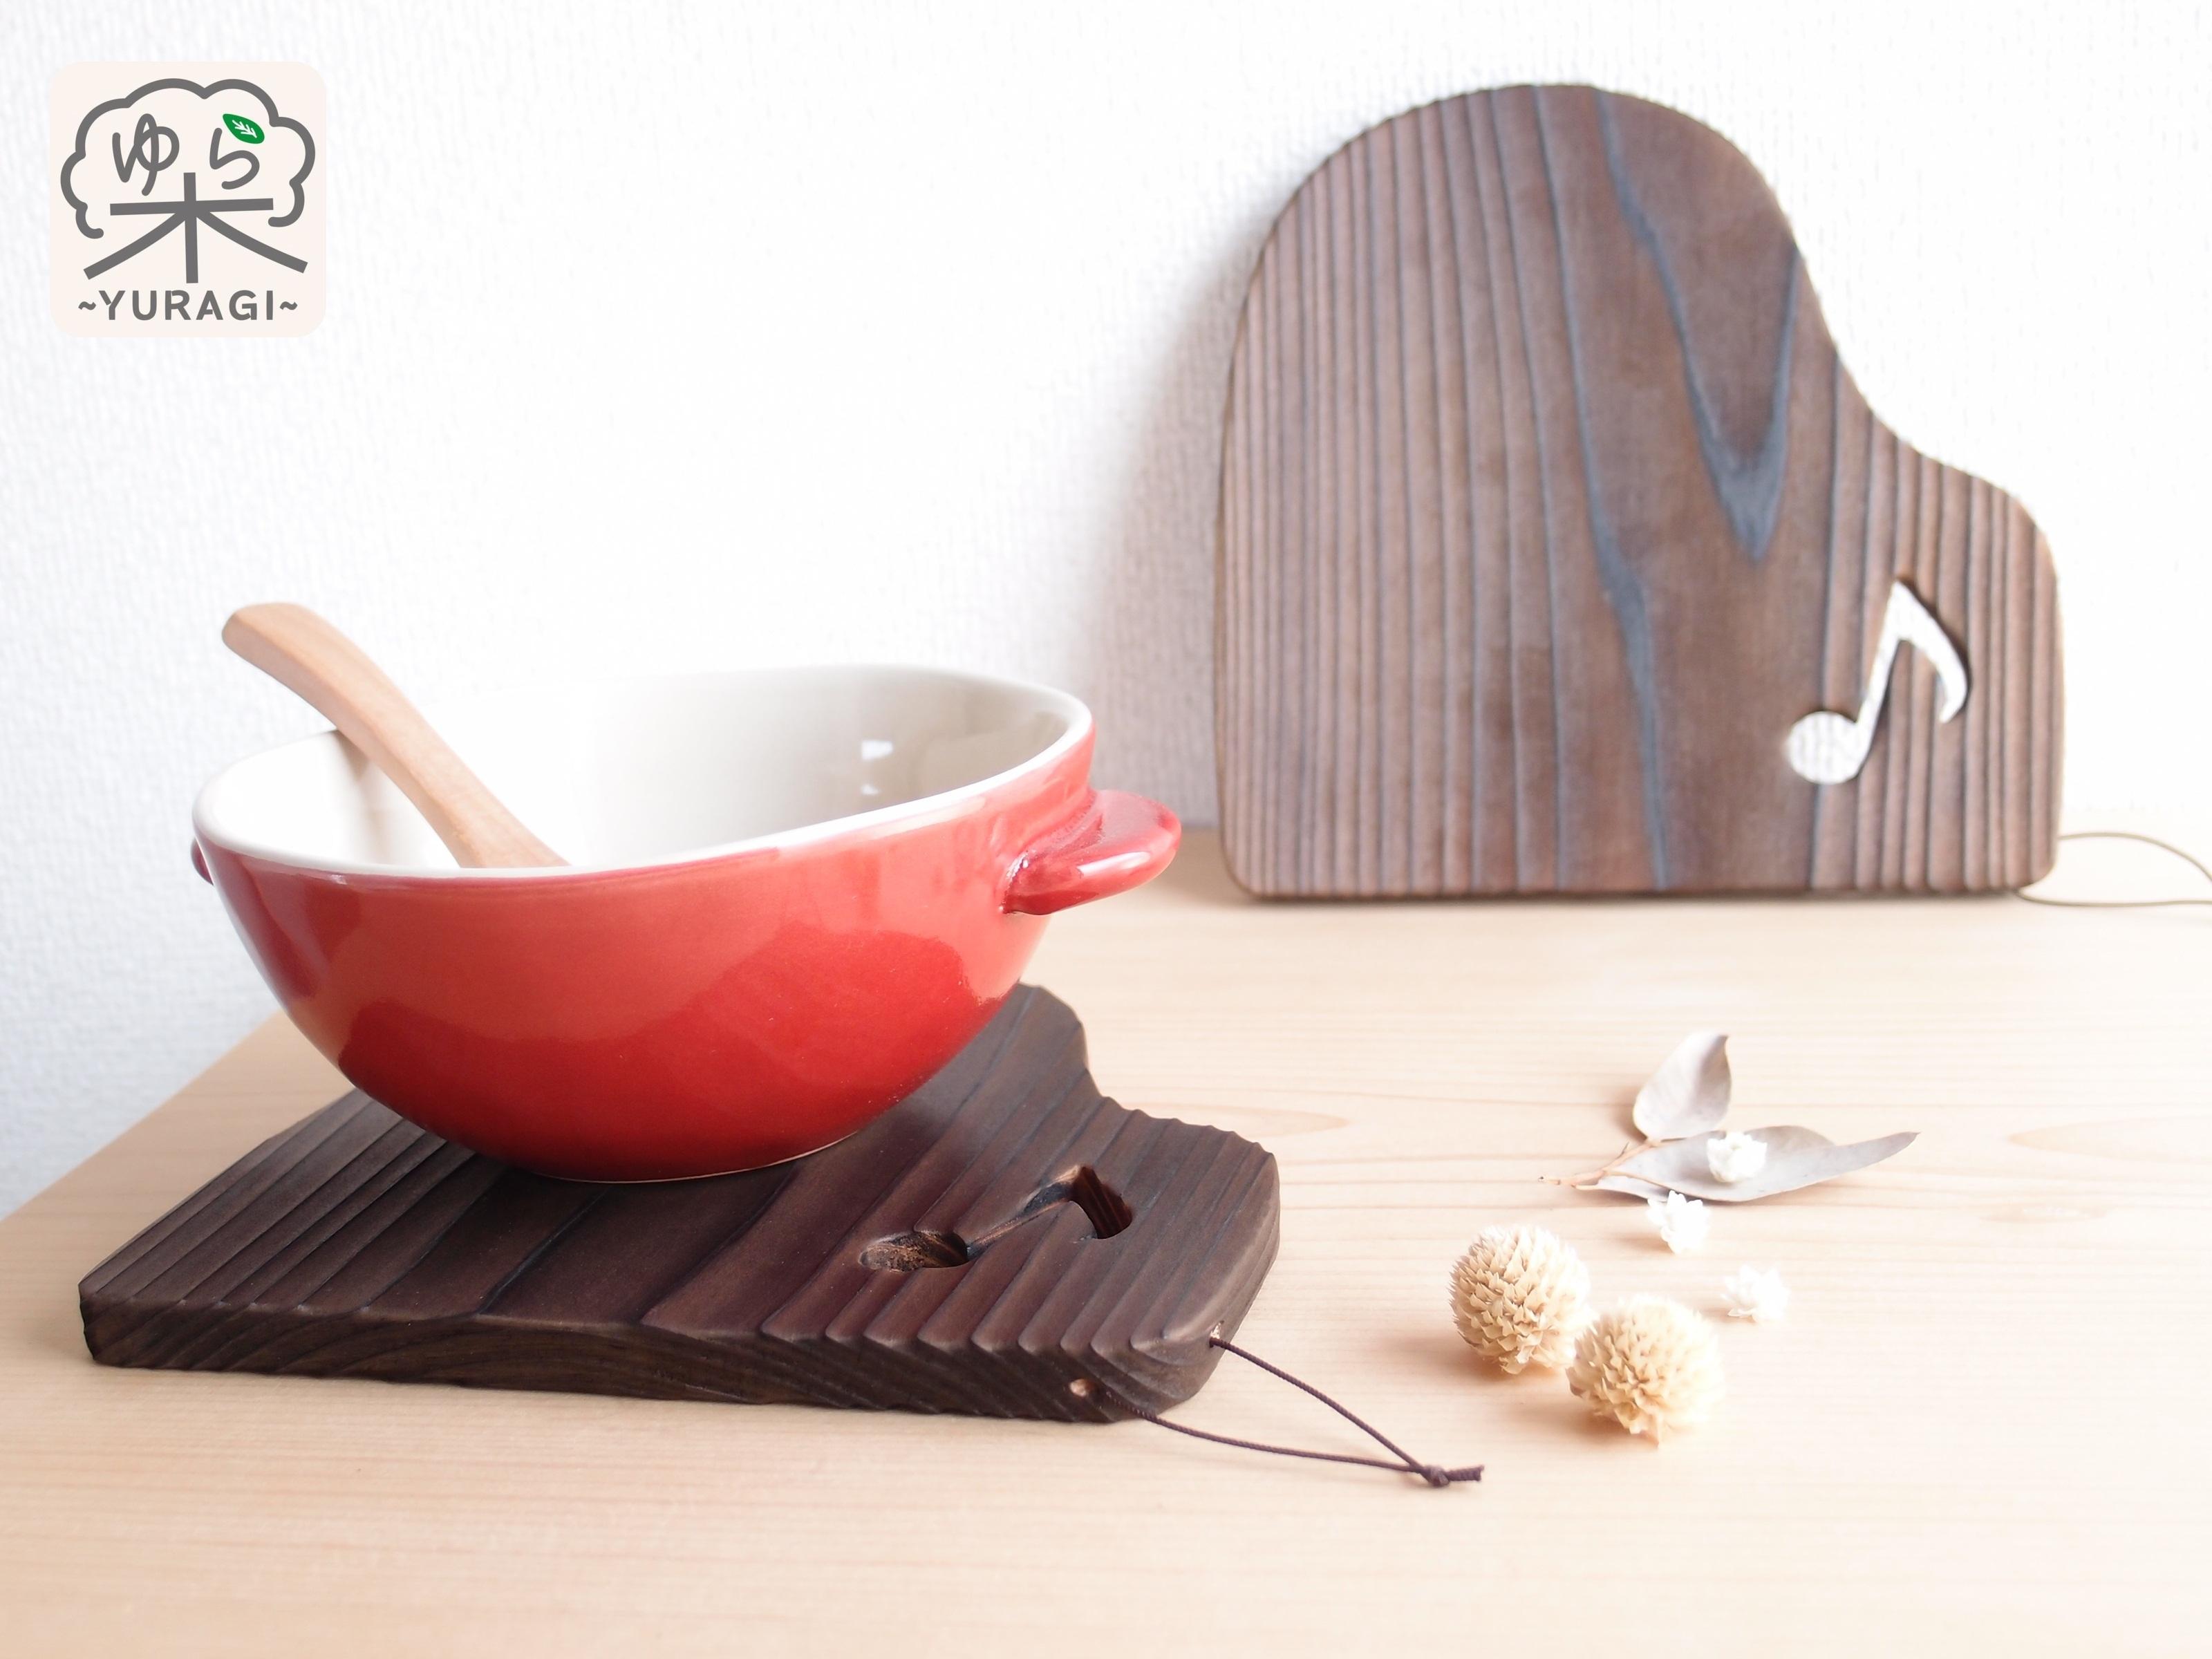 [10枚セット]【ひも付き】ピアノ鍋敷き Lサイズ   ~発表会記念品として♪~